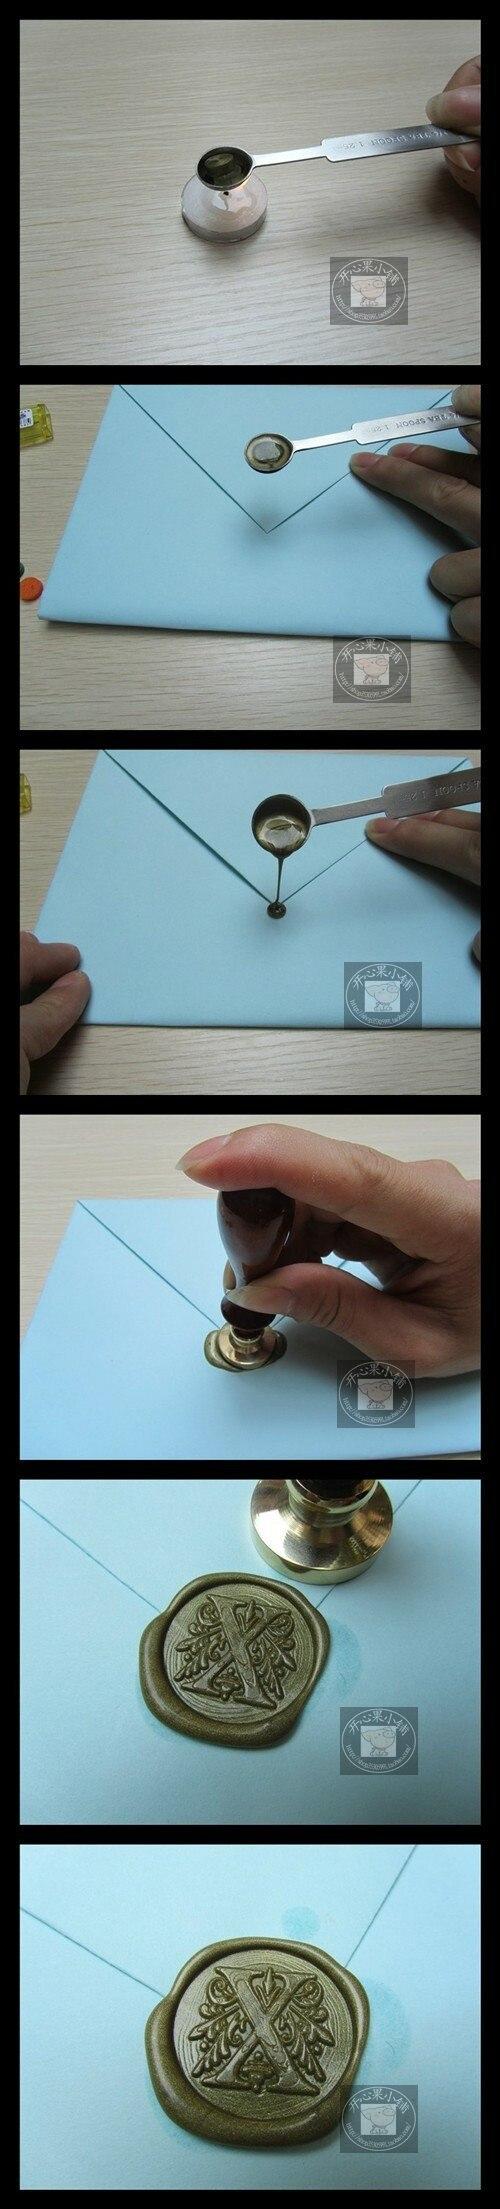 sealing wax pill